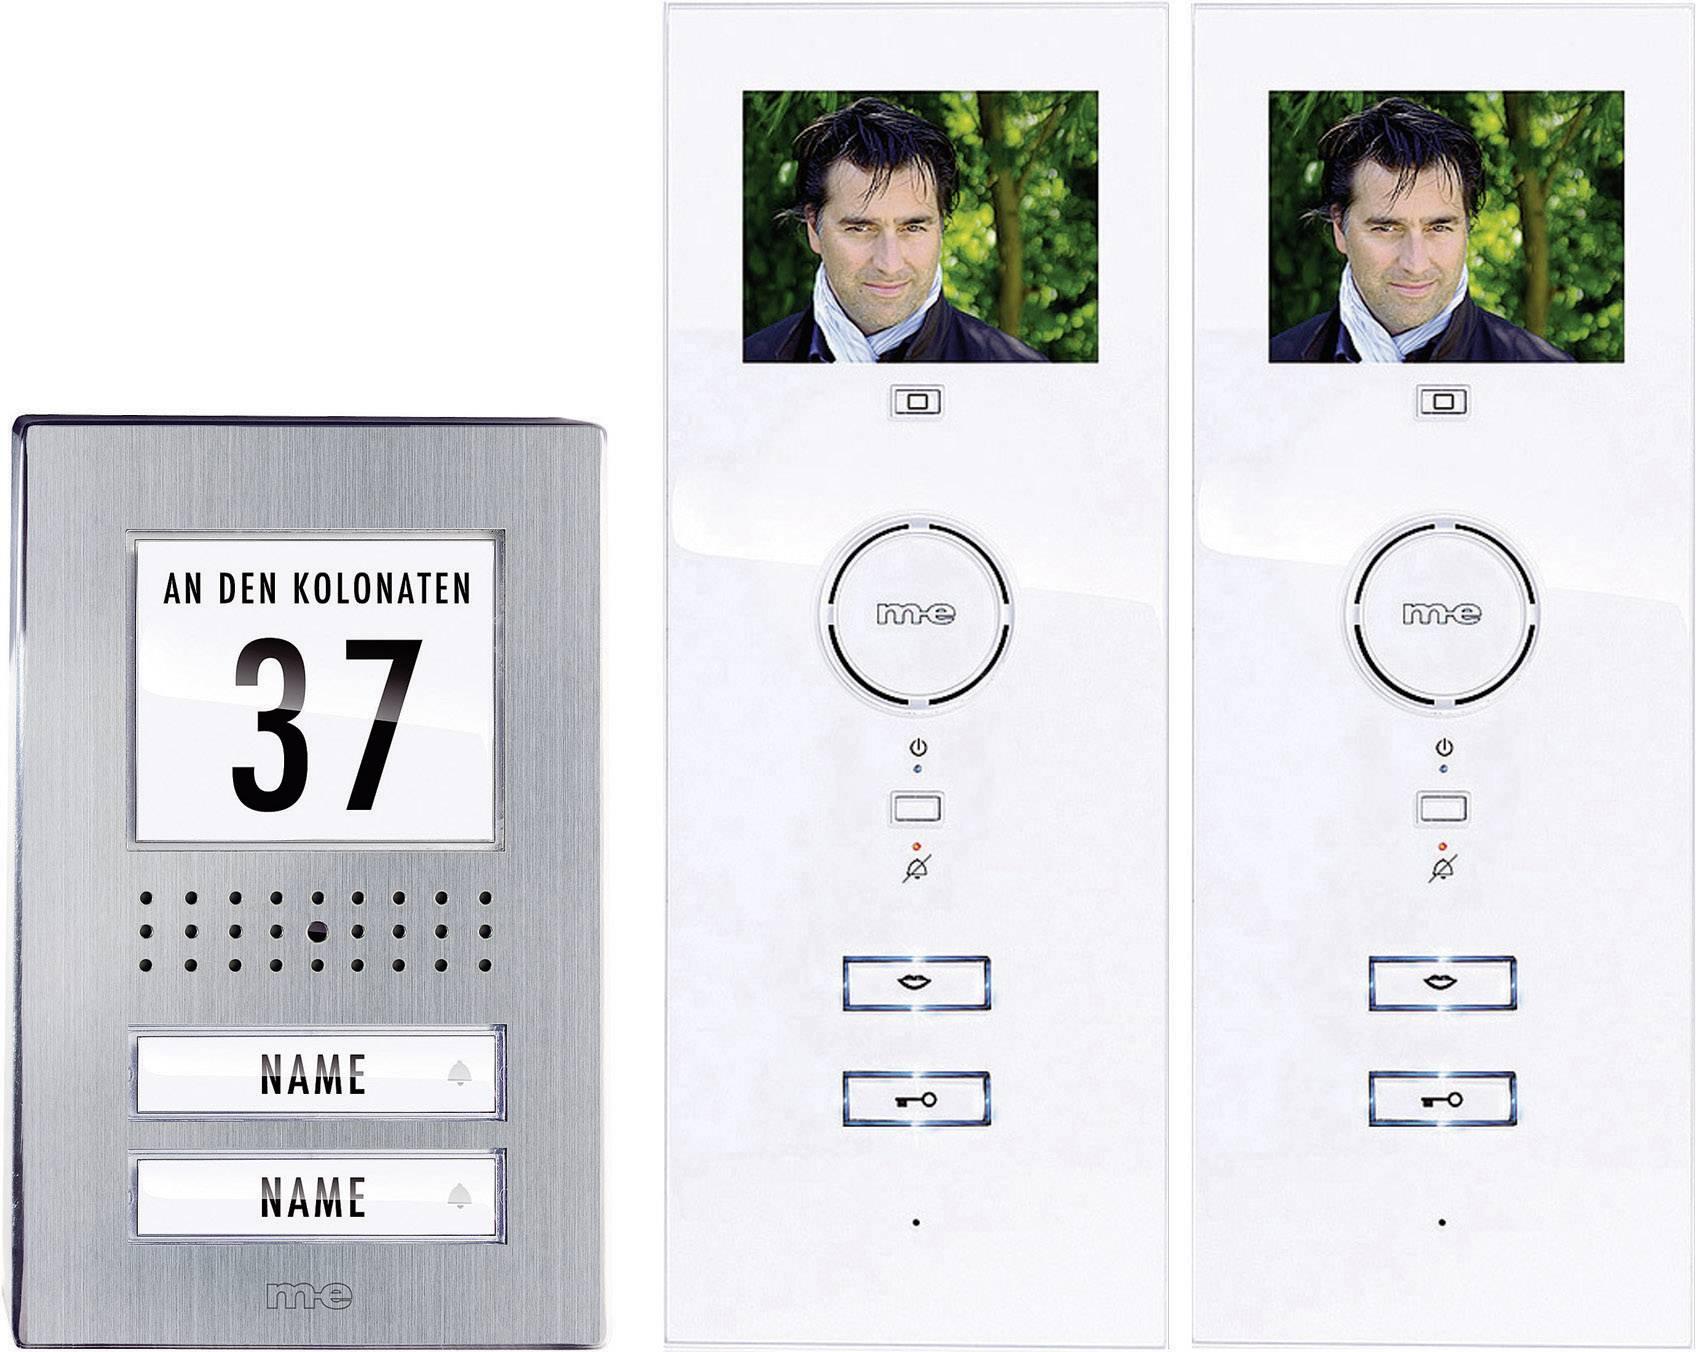 Káblový video dverový telefón m-e modern-electronics kompletný set, nerezová oceľ, biela